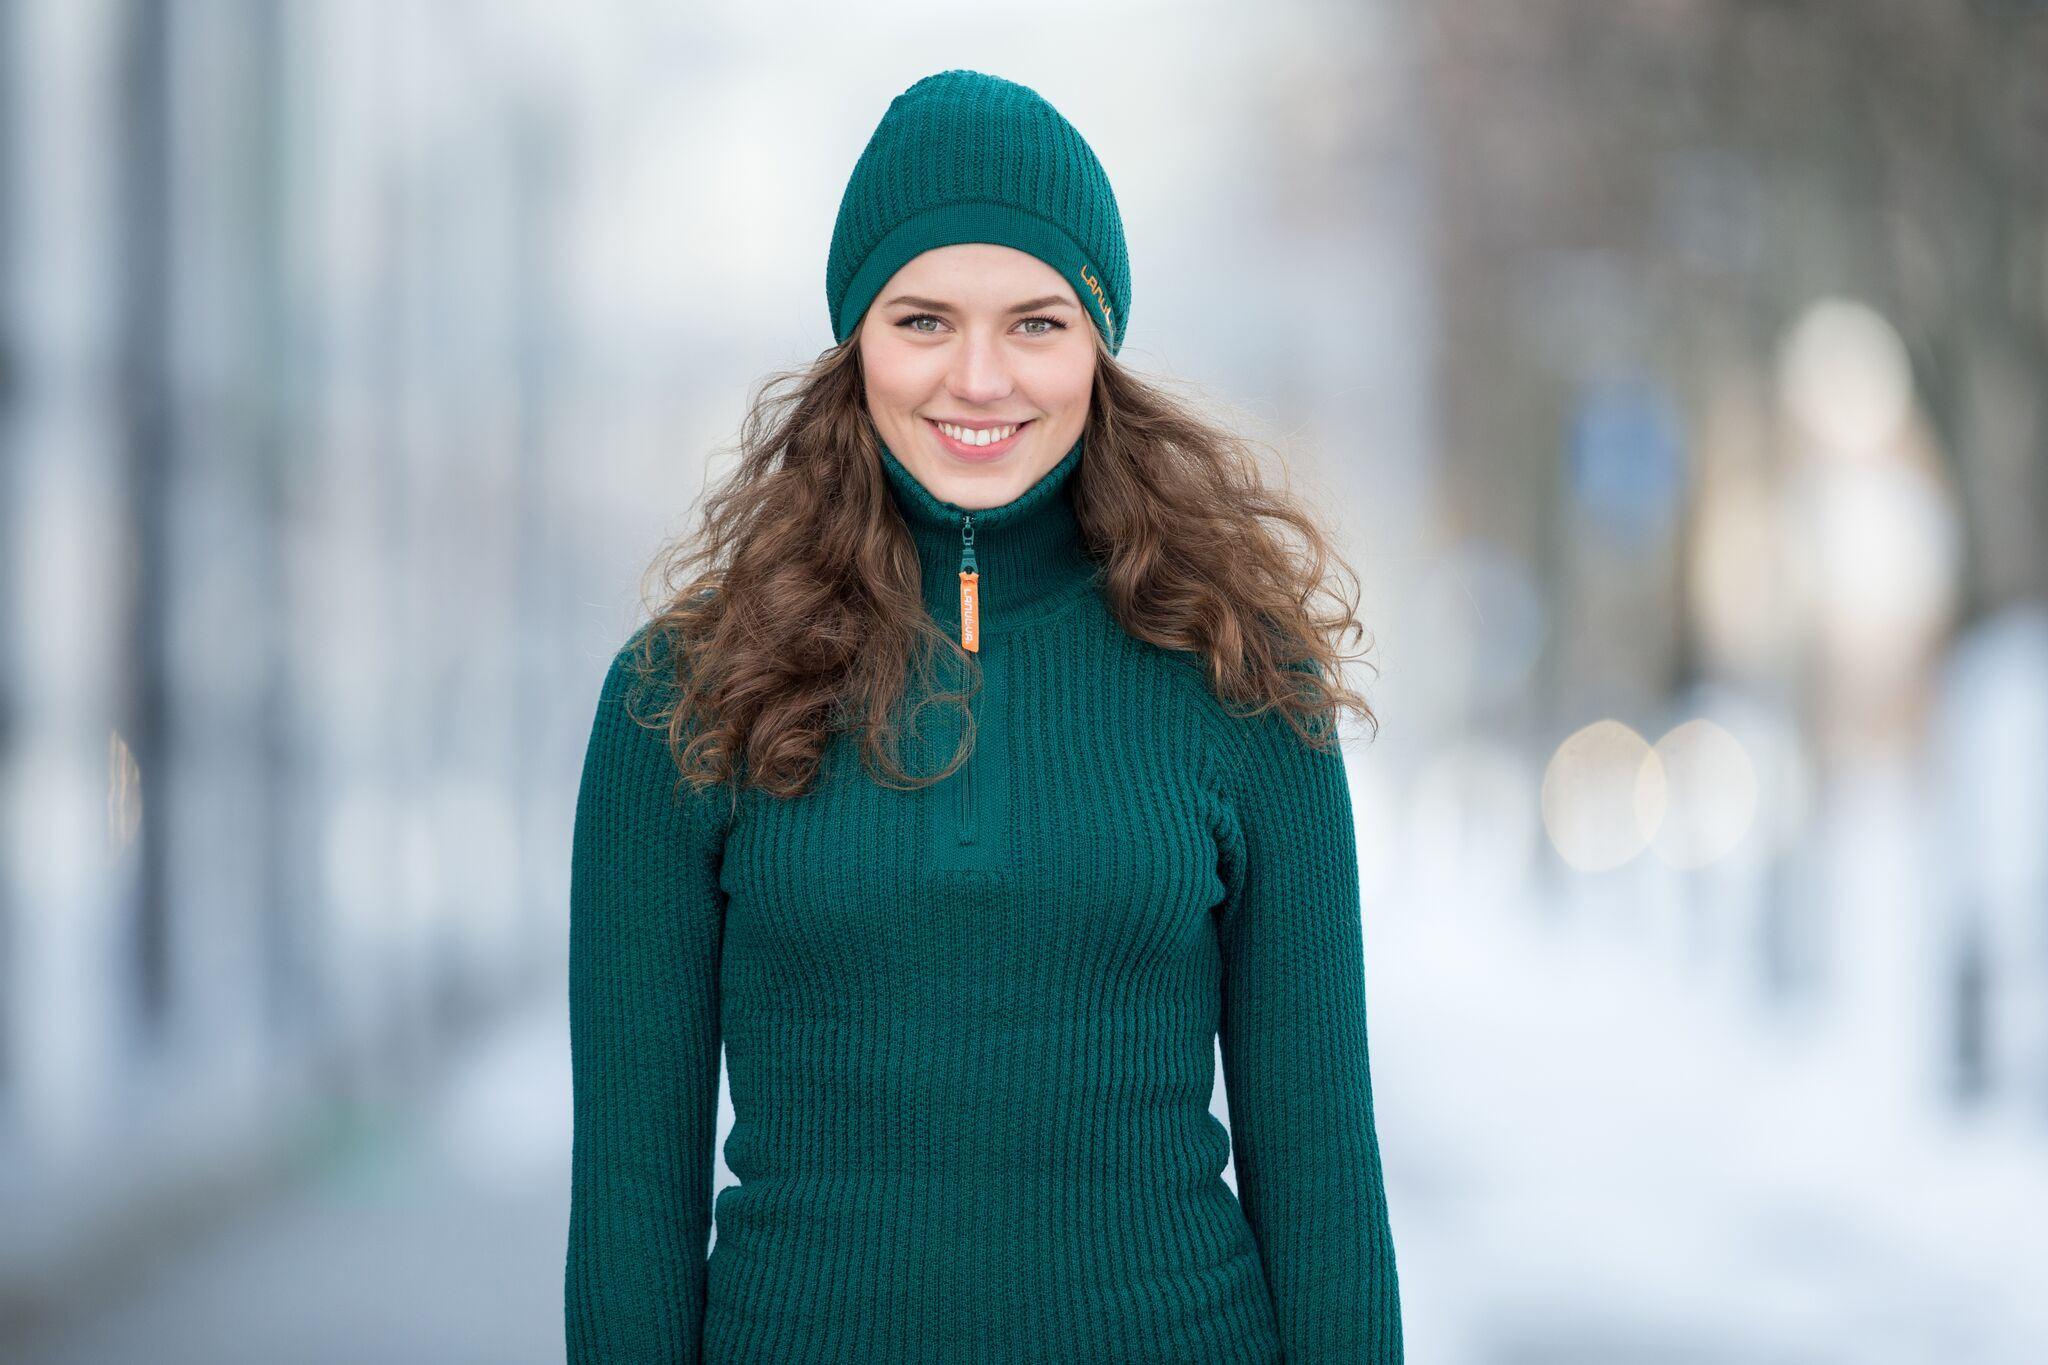 Lanullva, Kvinne i grønn ullgenser og grønn ullue fra Lanullva